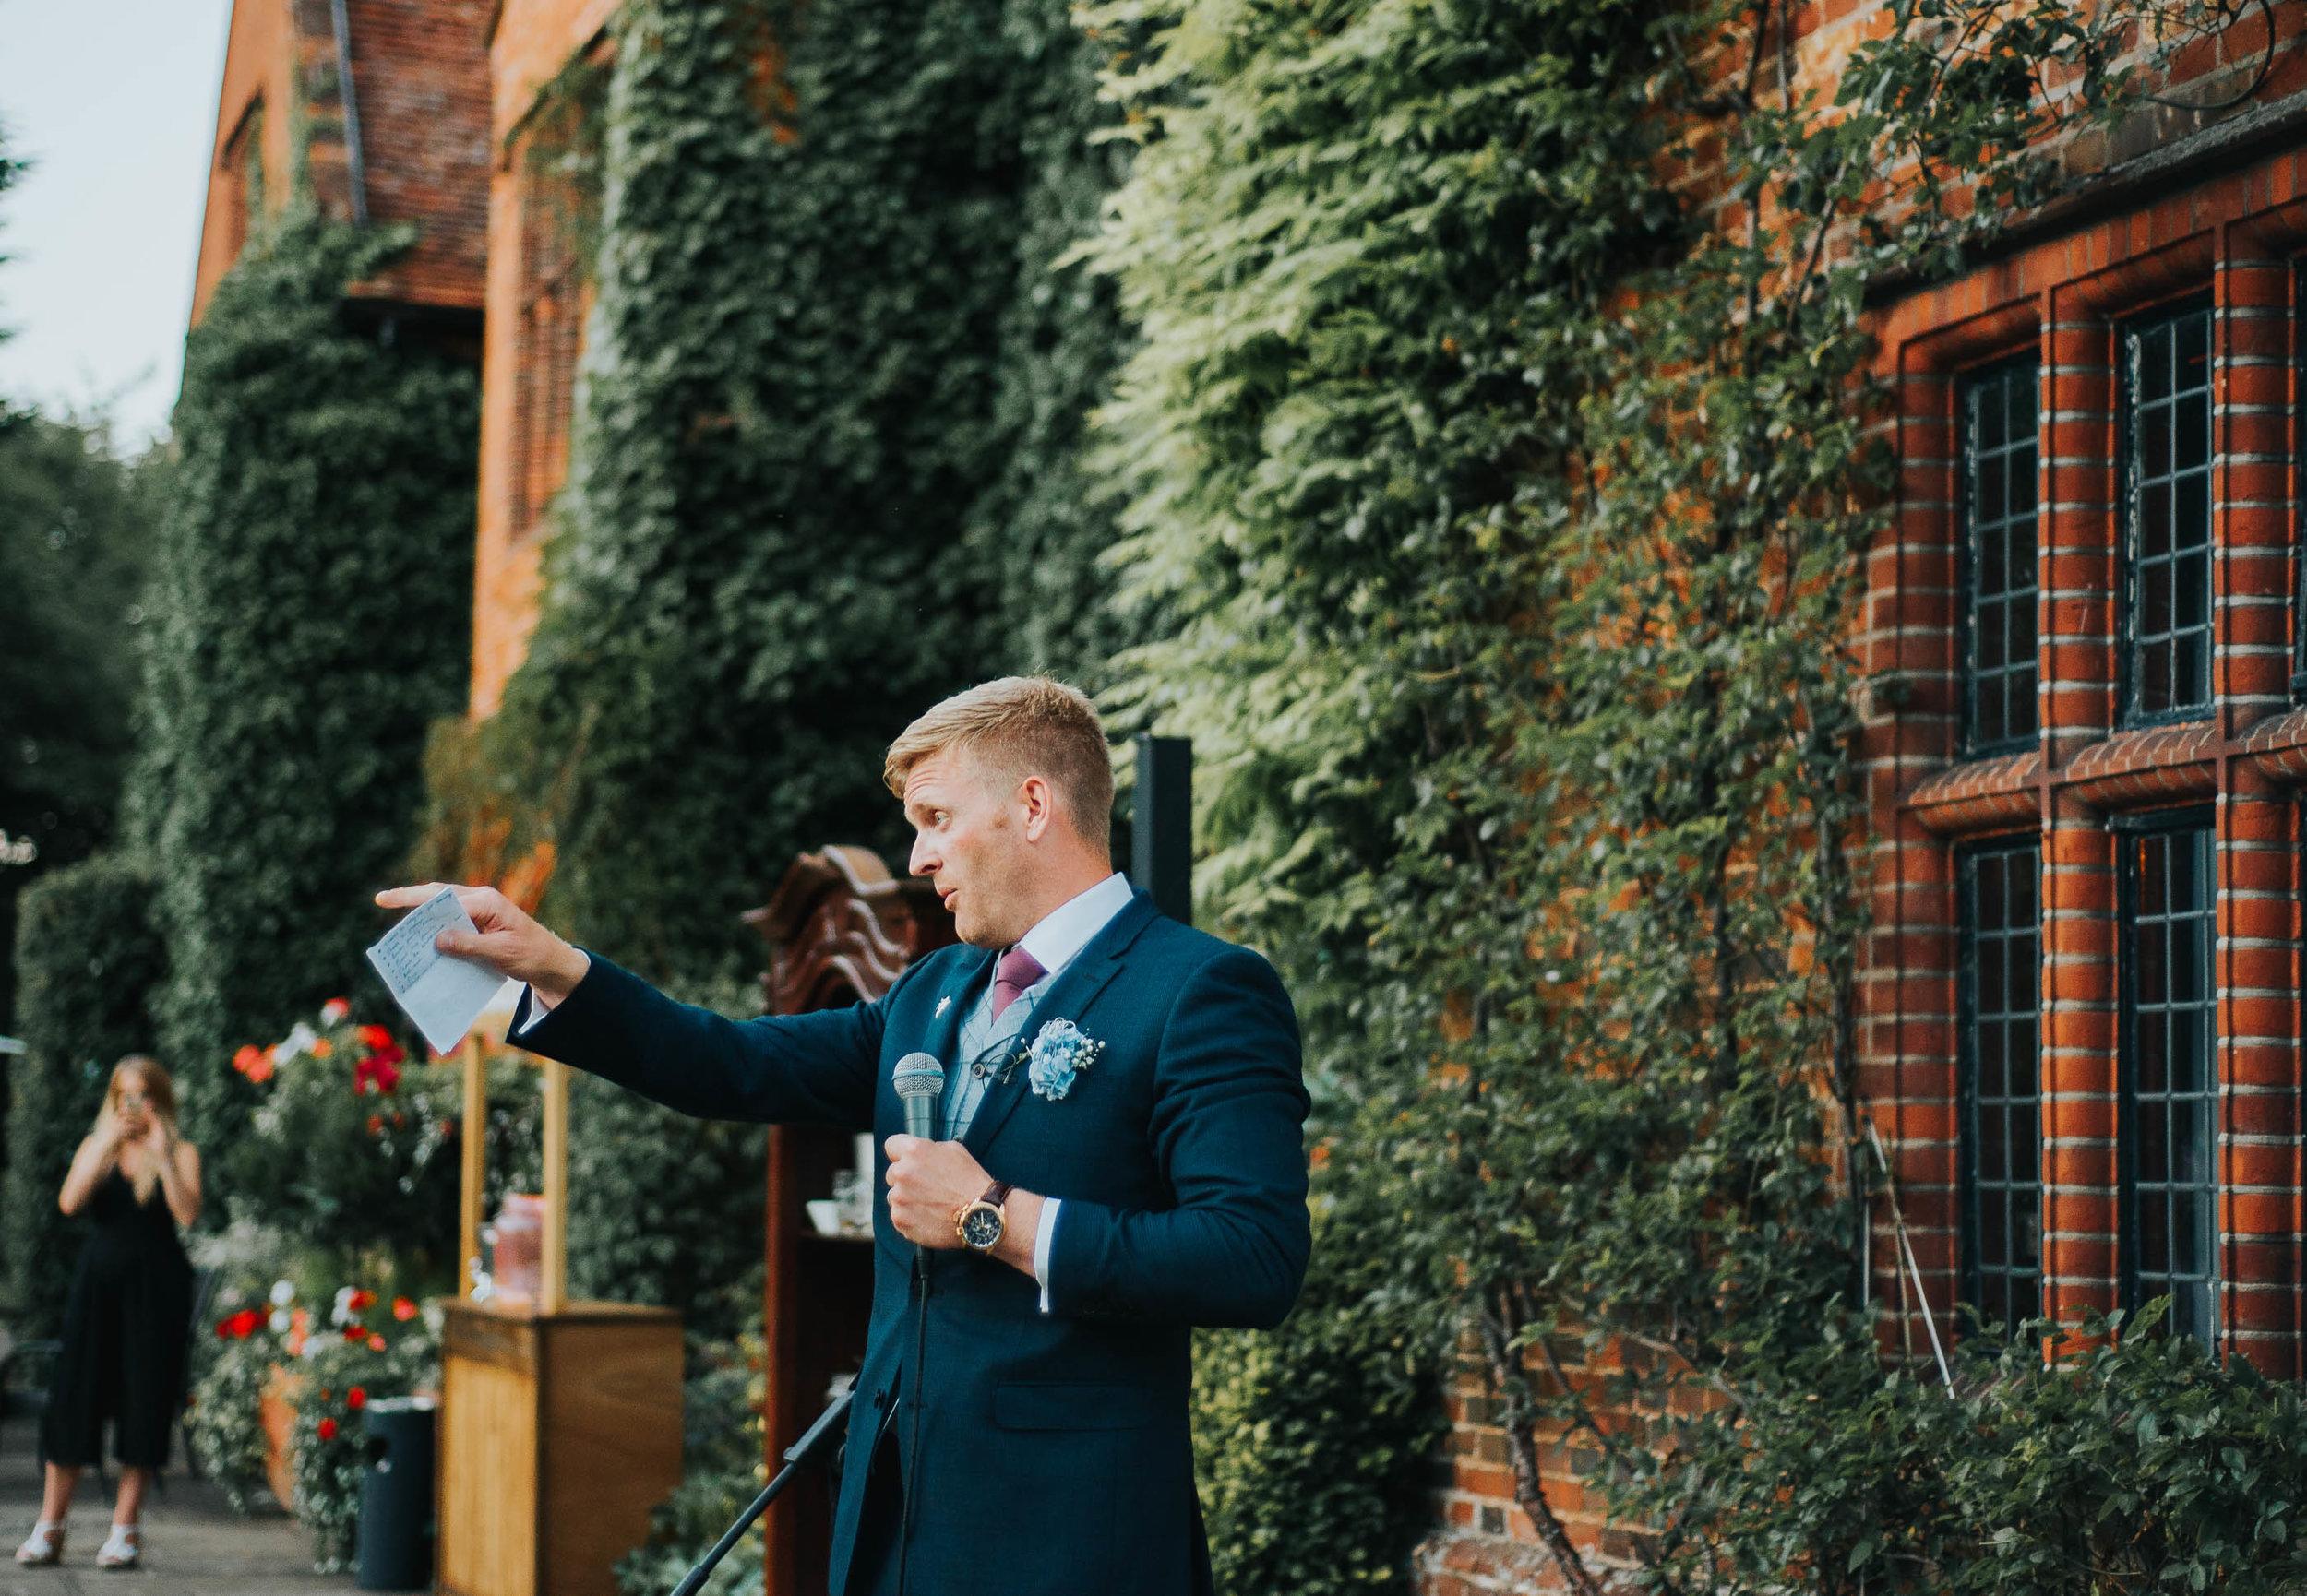 Creative Unique Wedding Photographer Essex Suffolk UK Wedding Photographer www.purplepeartreephotography.com (958).JPG